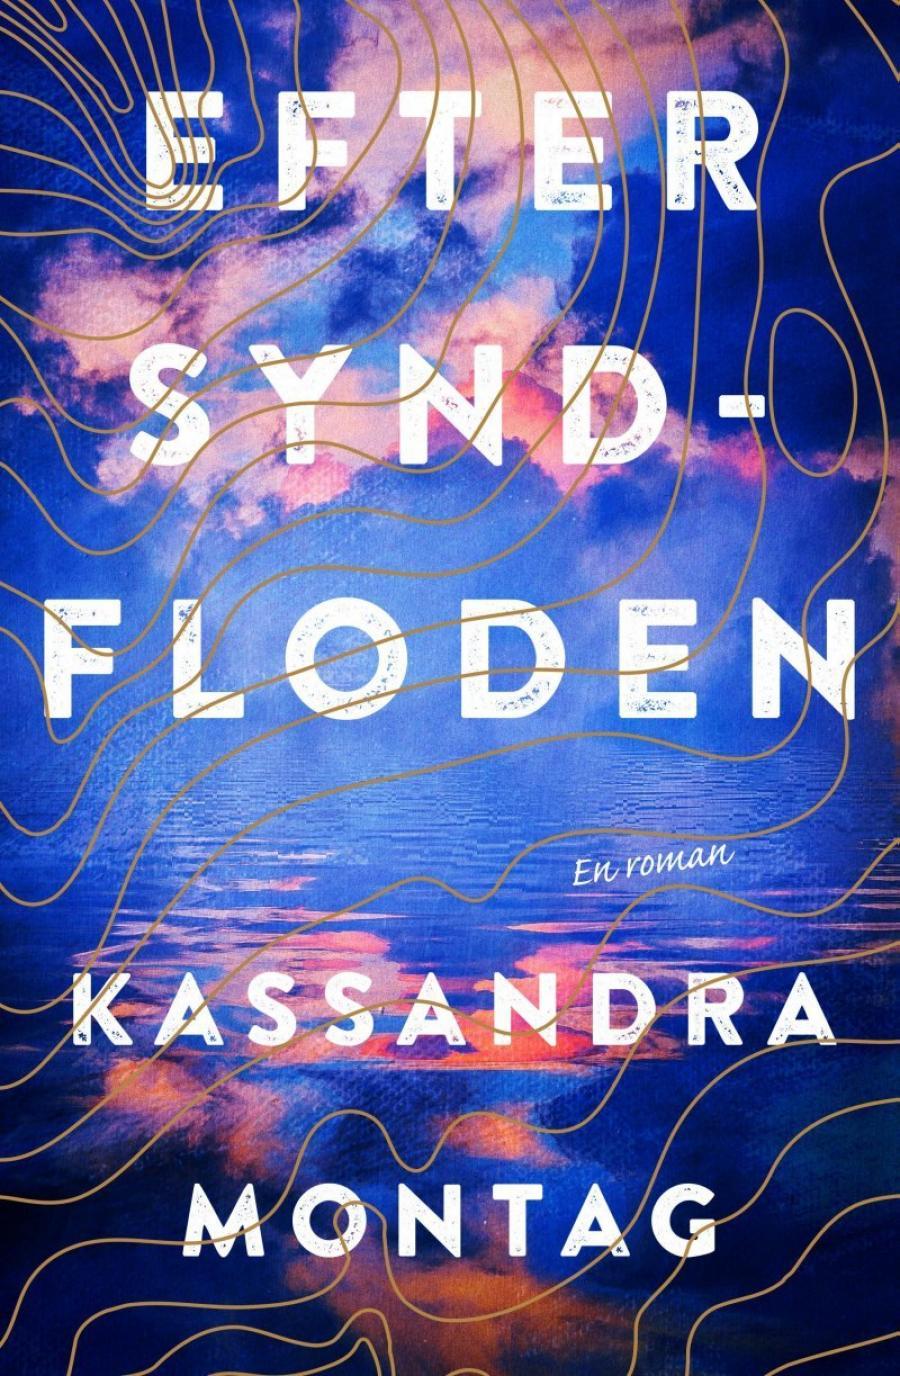 Billede af bogen Jeg tæller mine skridt af Kassandra Montag